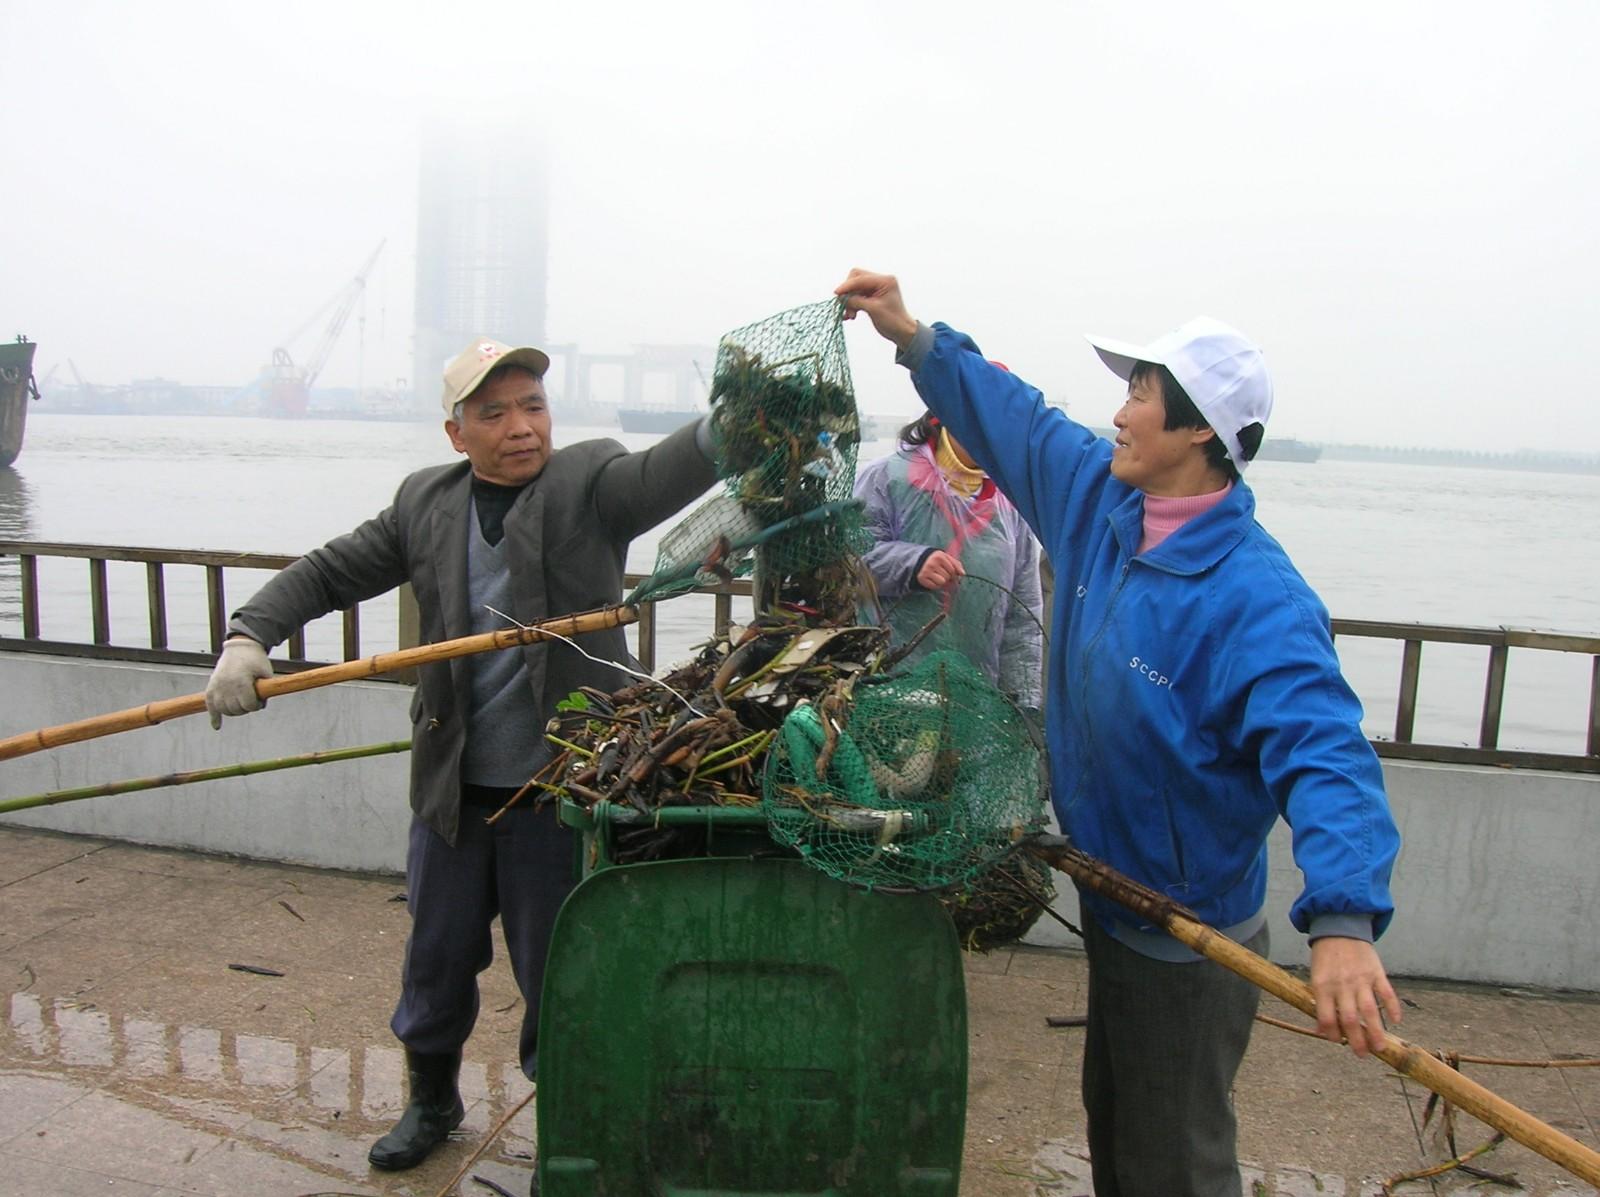 第三代志愿者张更大夫妇打捞垃圾.JPG